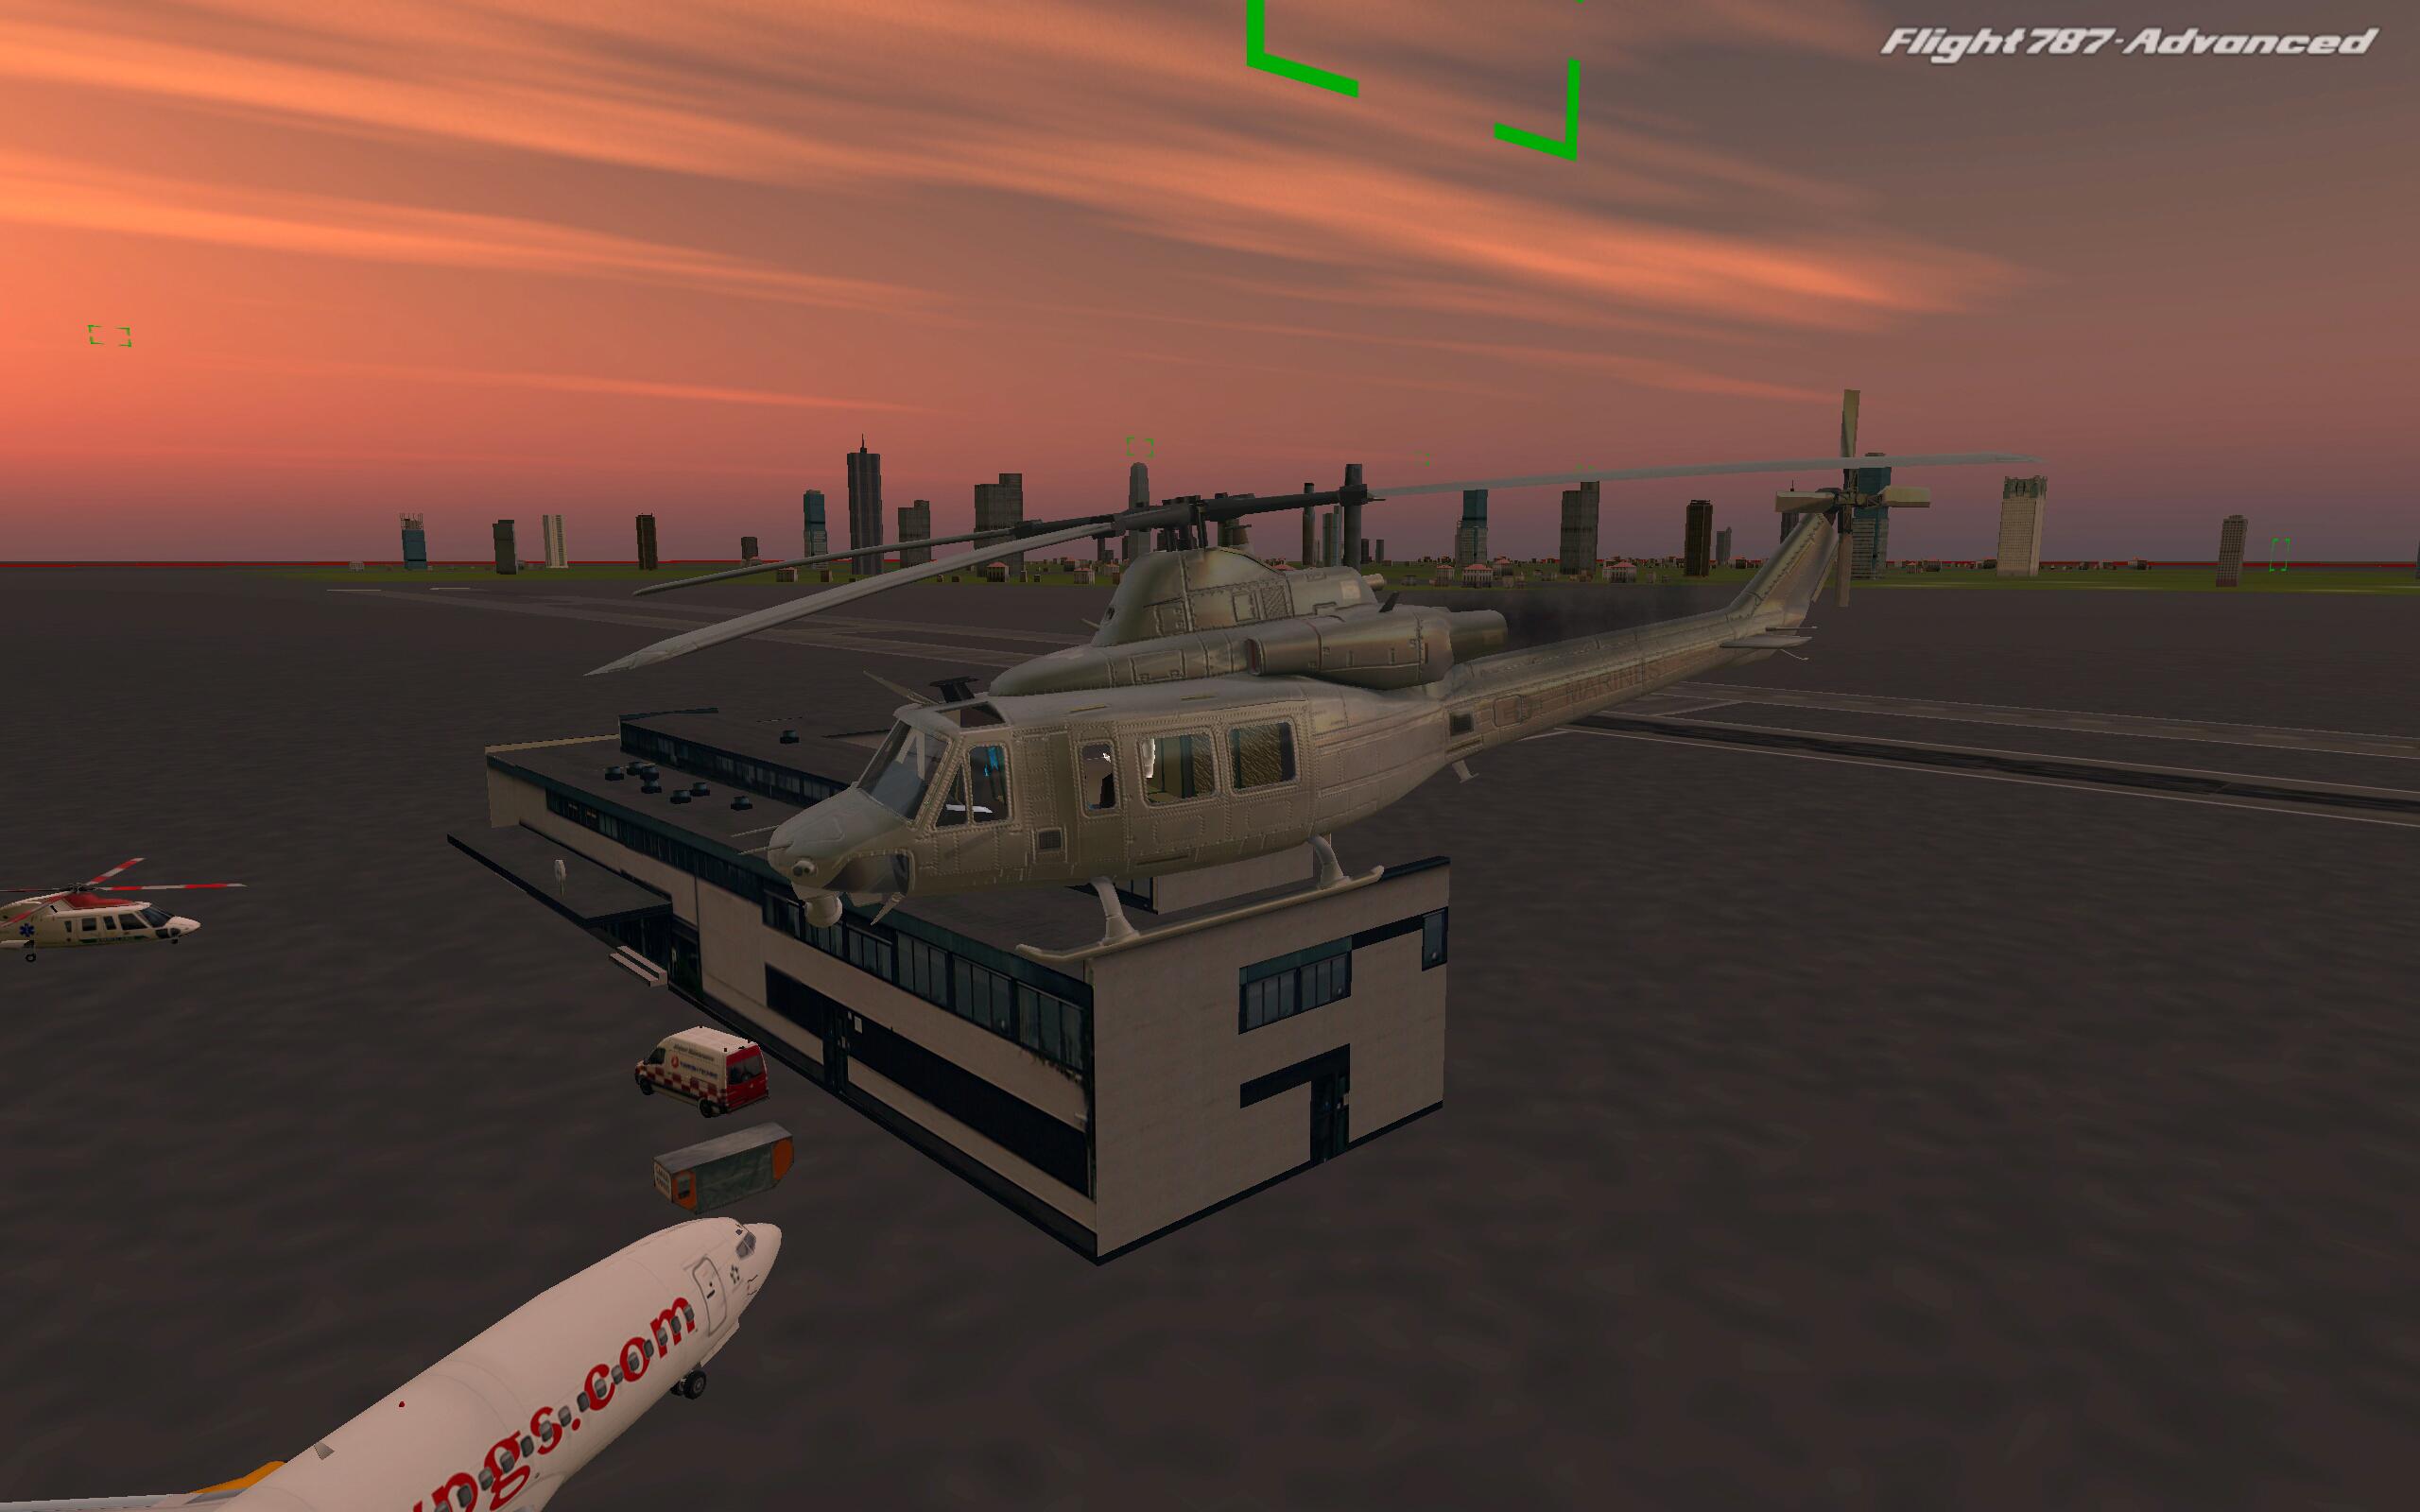 787 simulator game